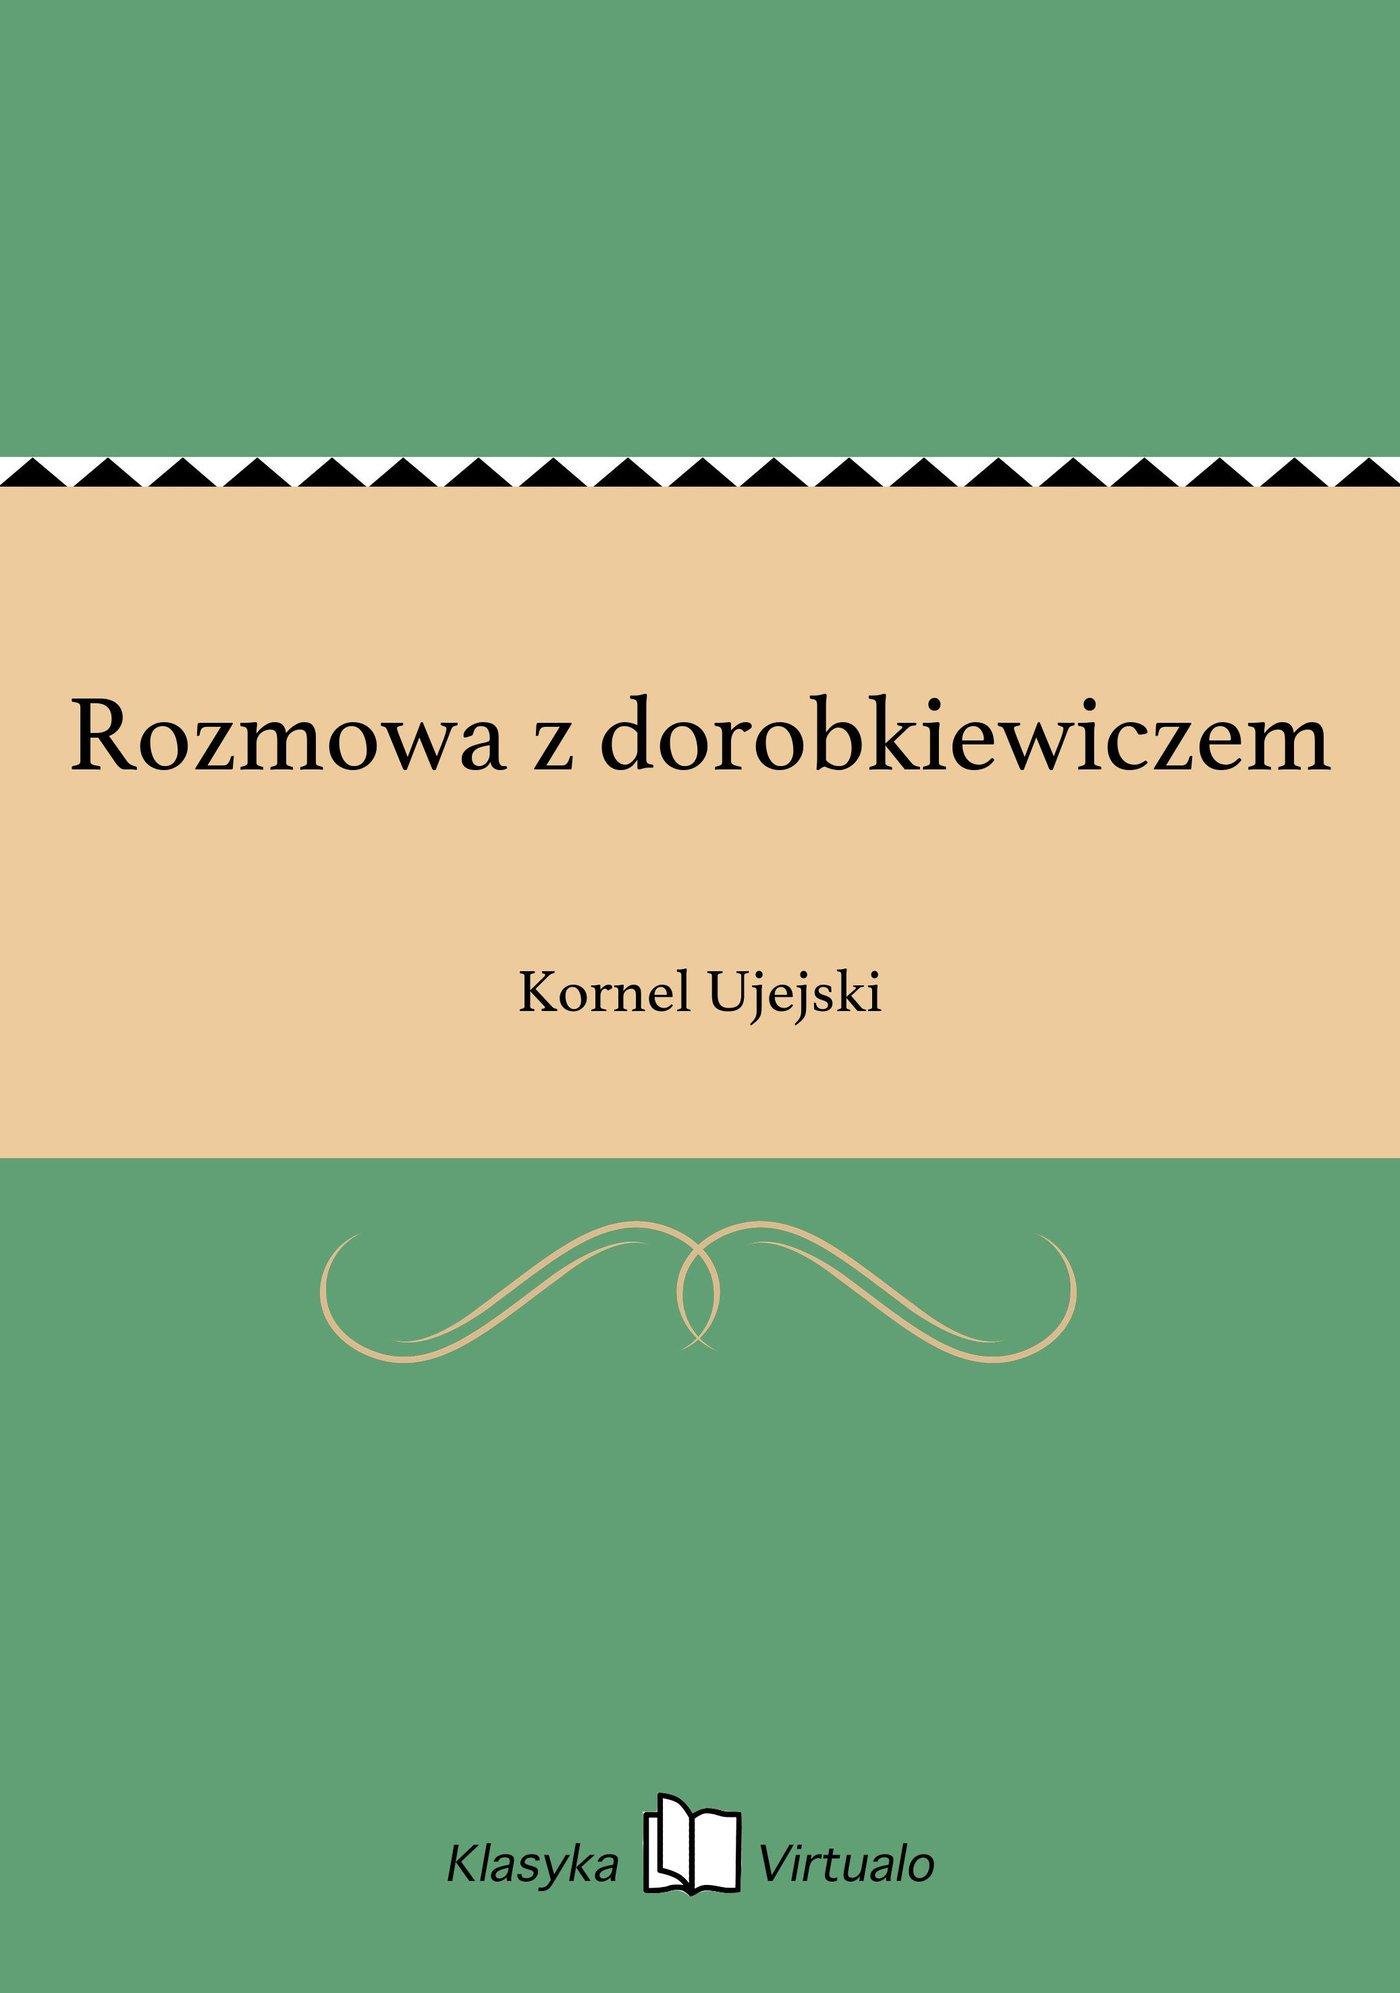 Rozmowa z dorobkiewiczem - Ebook (Książka EPUB) do pobrania w formacie EPUB